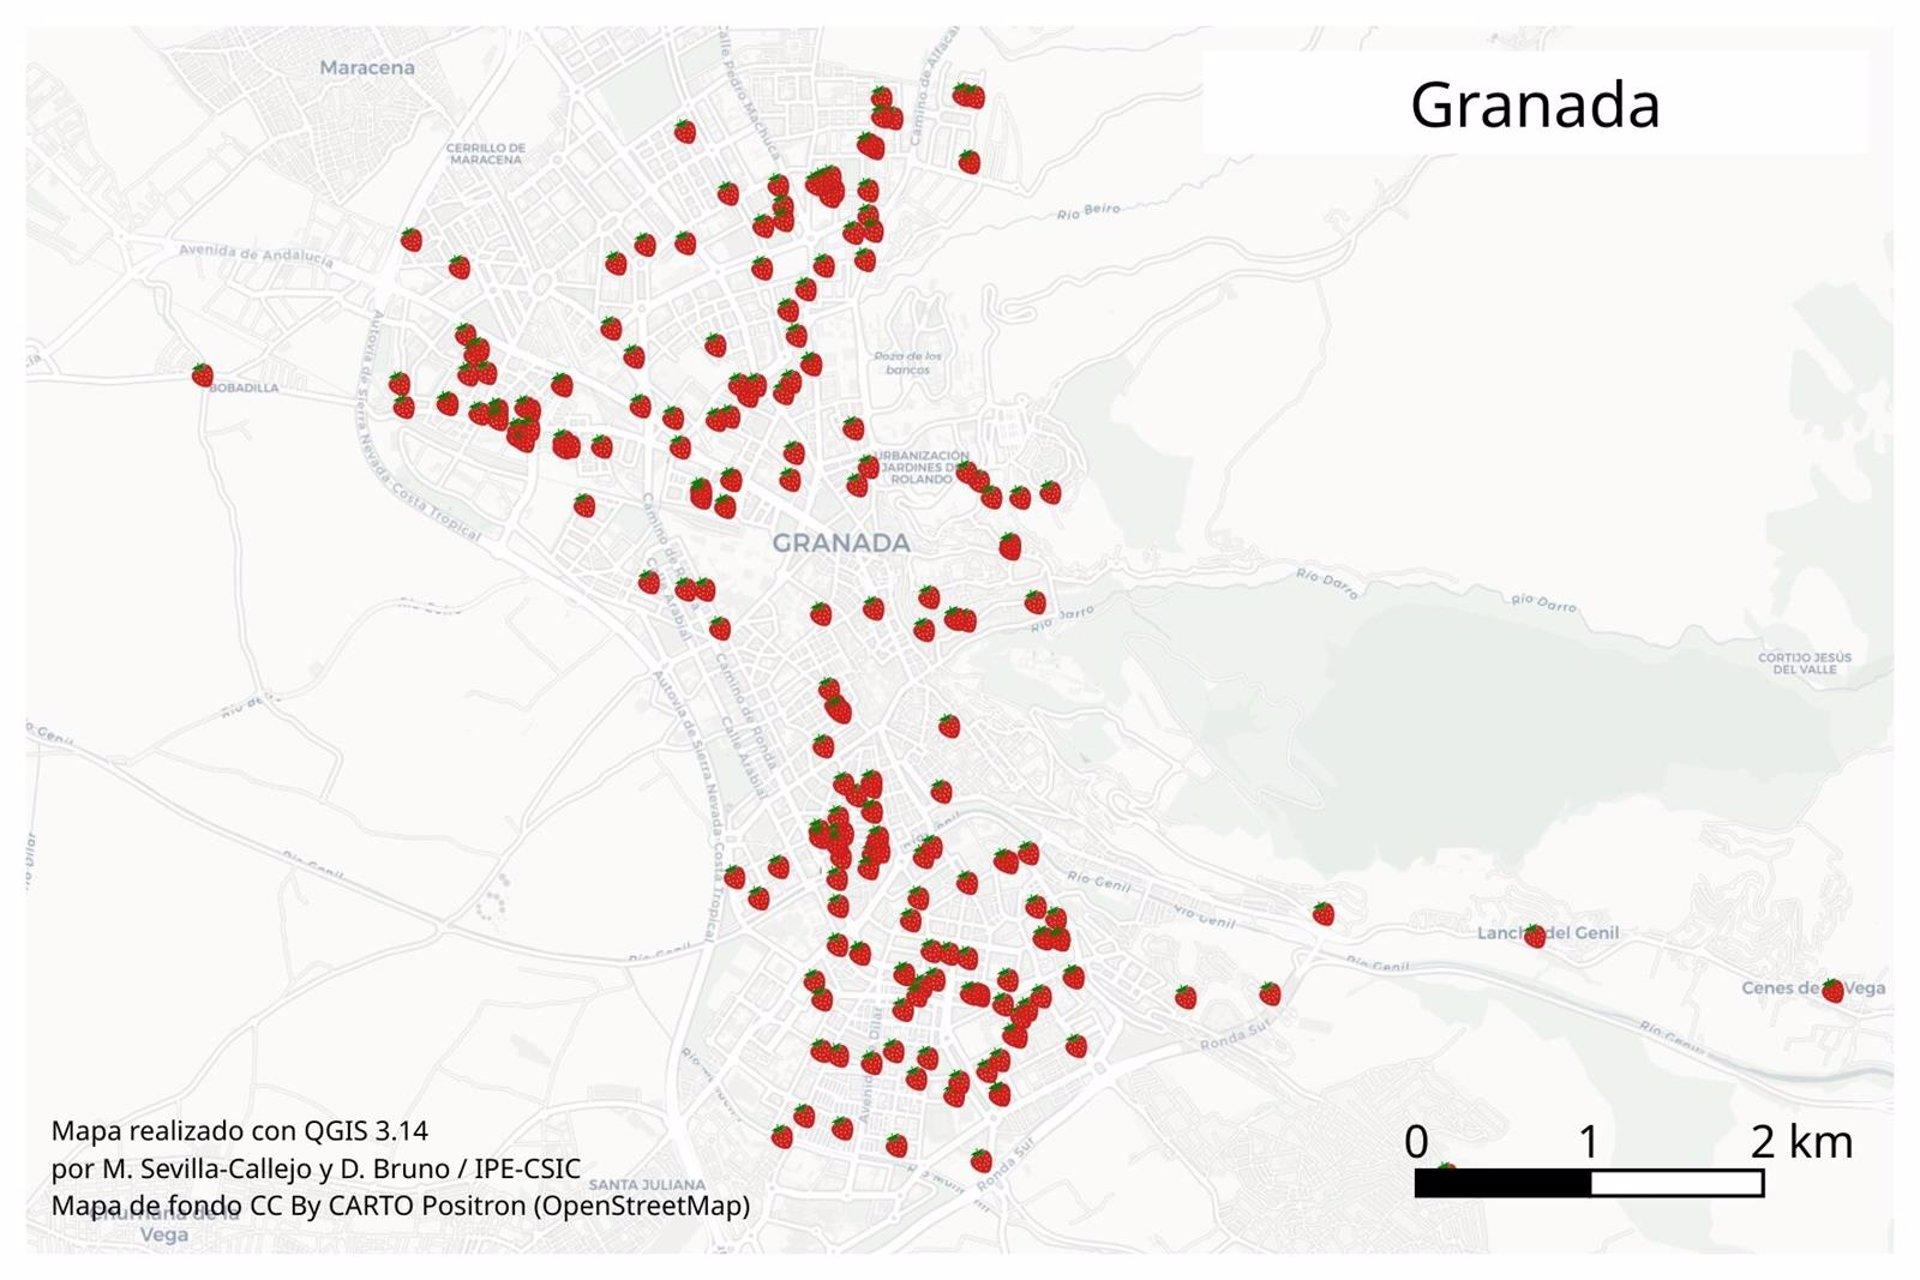 Medio millar de científicos ciudadanos medirán la calidad del aire de Granada con plantas de fresas